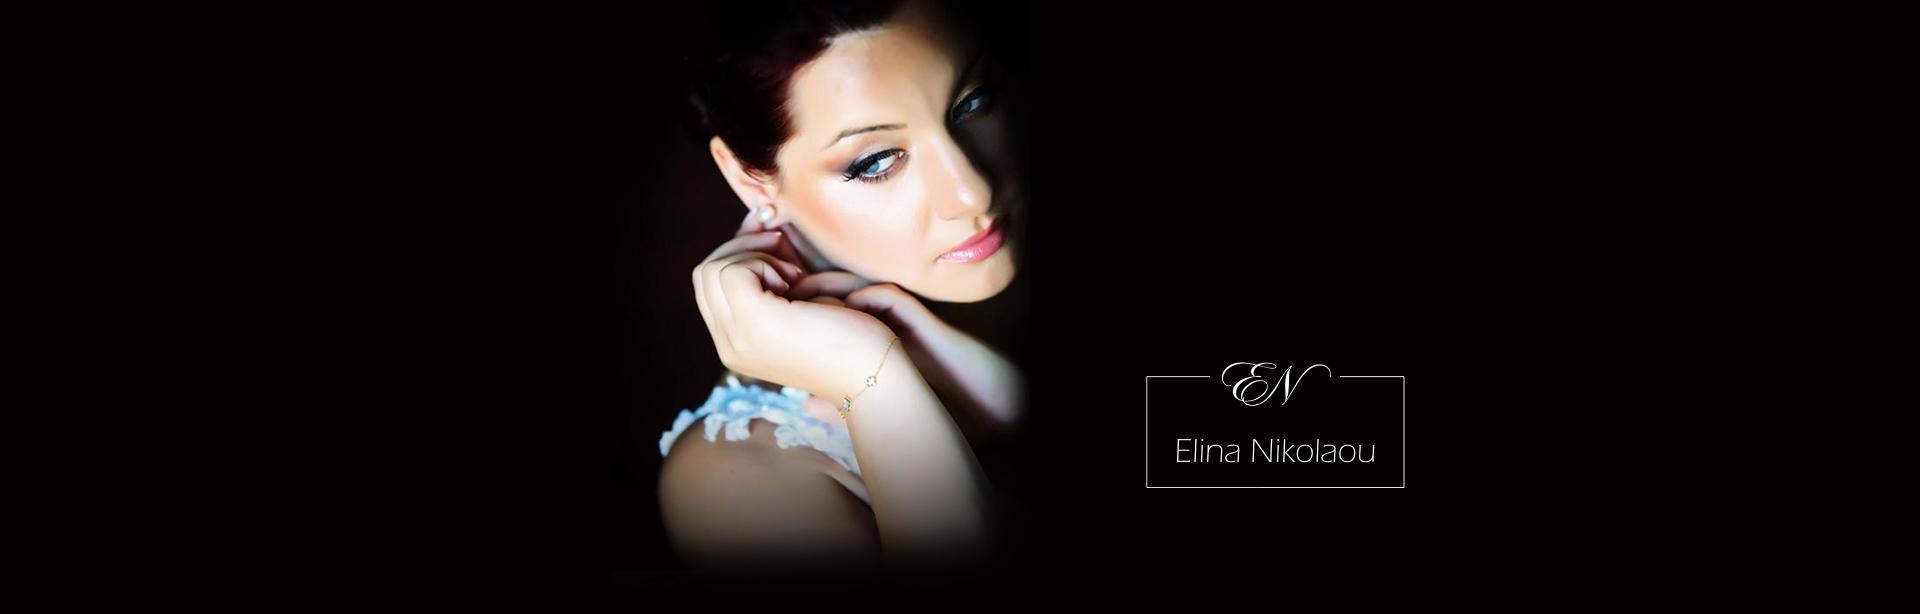 Elina Nikolaou